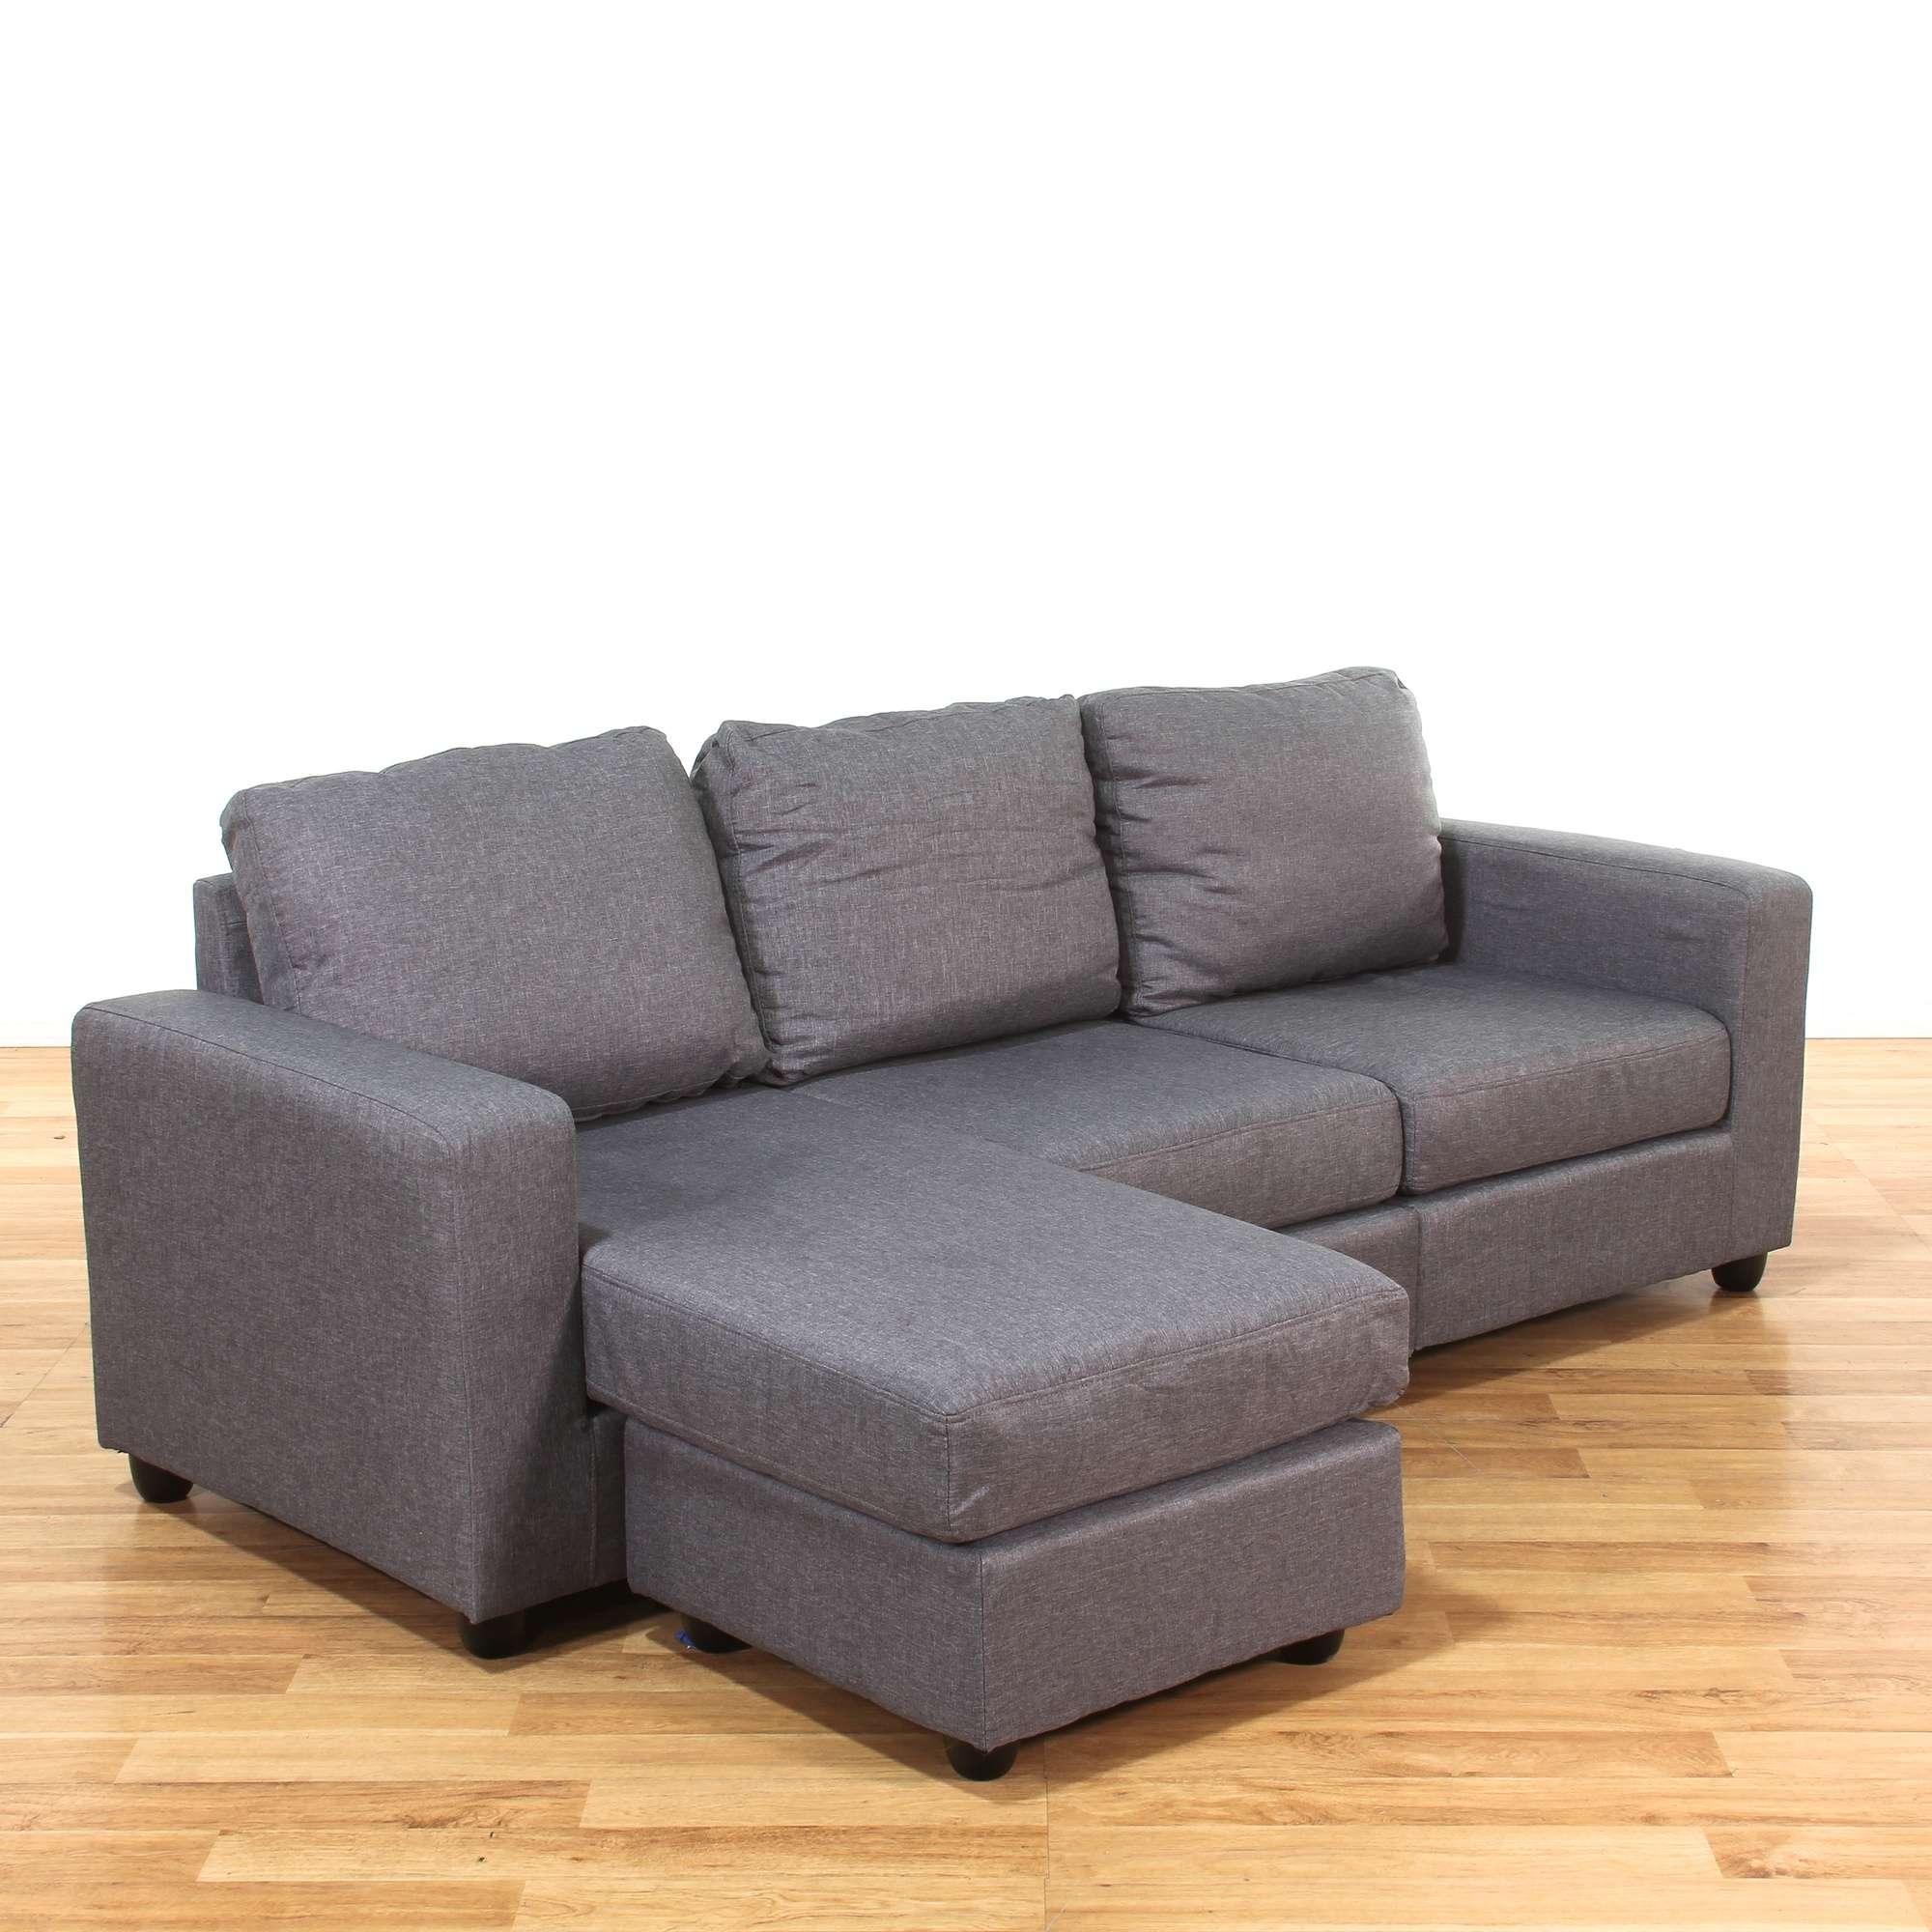 Marvelous Mercury Row Cleland Heights Reversible Grey Sectional Inzonedesignstudio Interior Chair Design Inzonedesignstudiocom